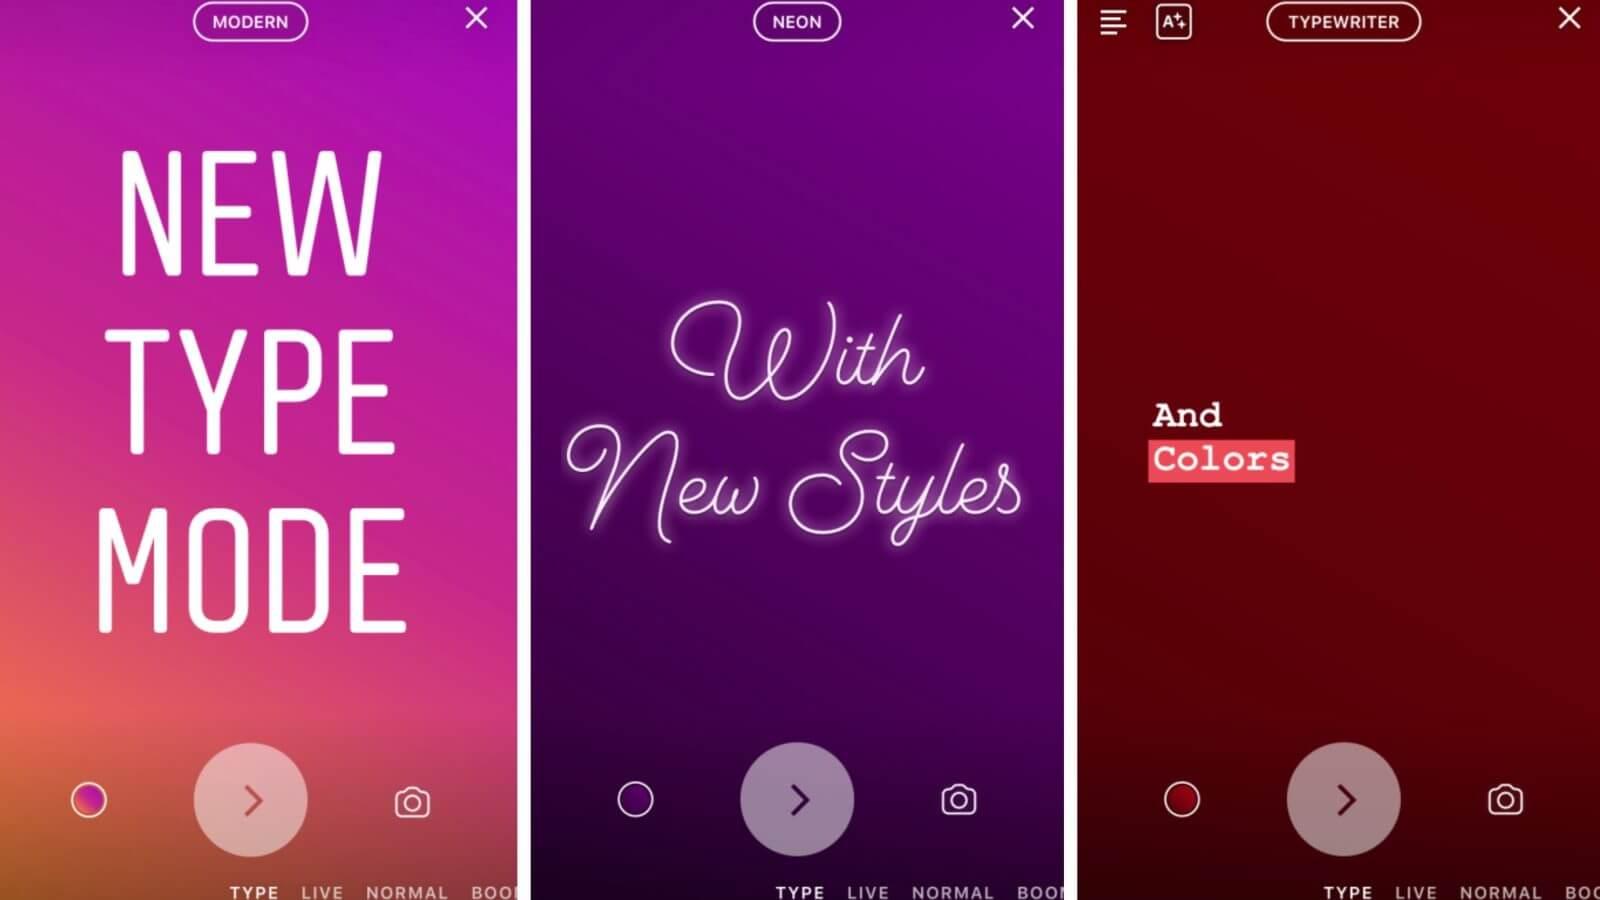 instagram 2 - Novo modo do Instagram Stories vai deixar seus textos mais estilosos